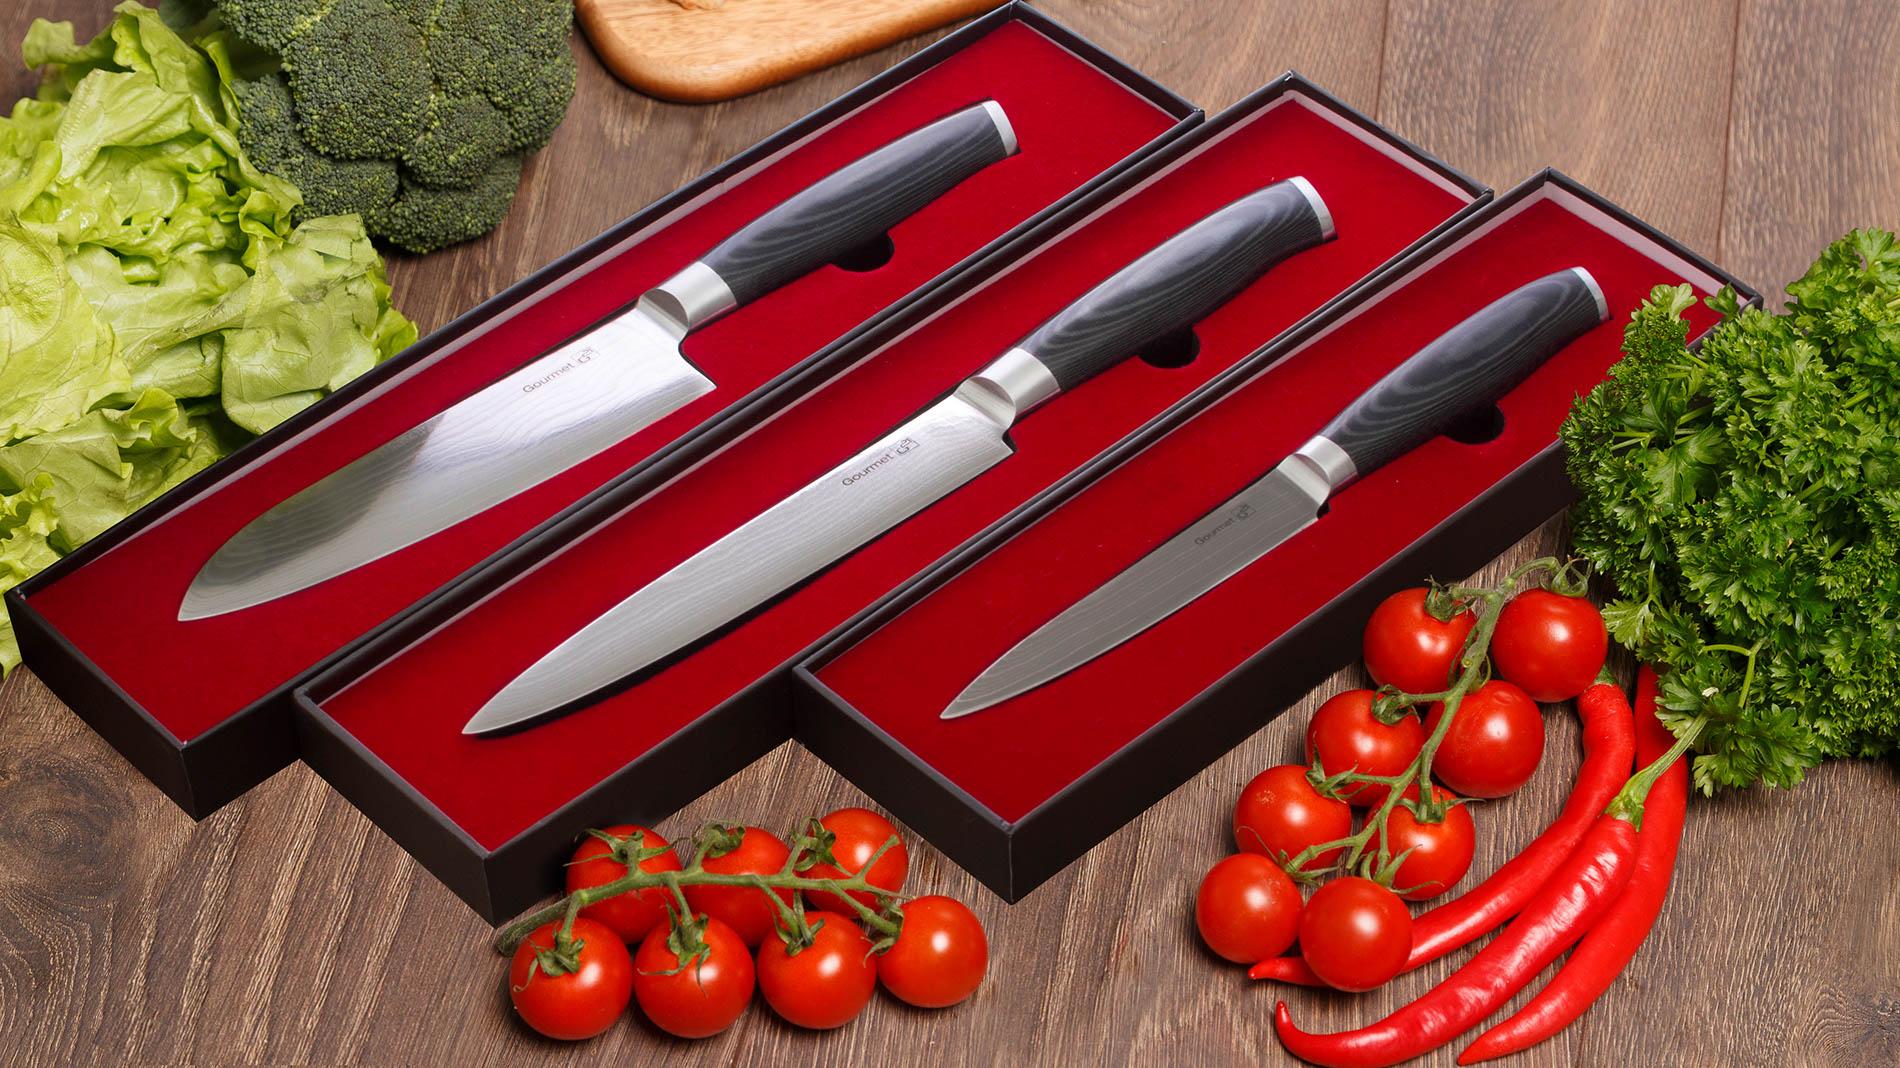 Řada nožů Gourmet Damascus od značky G21